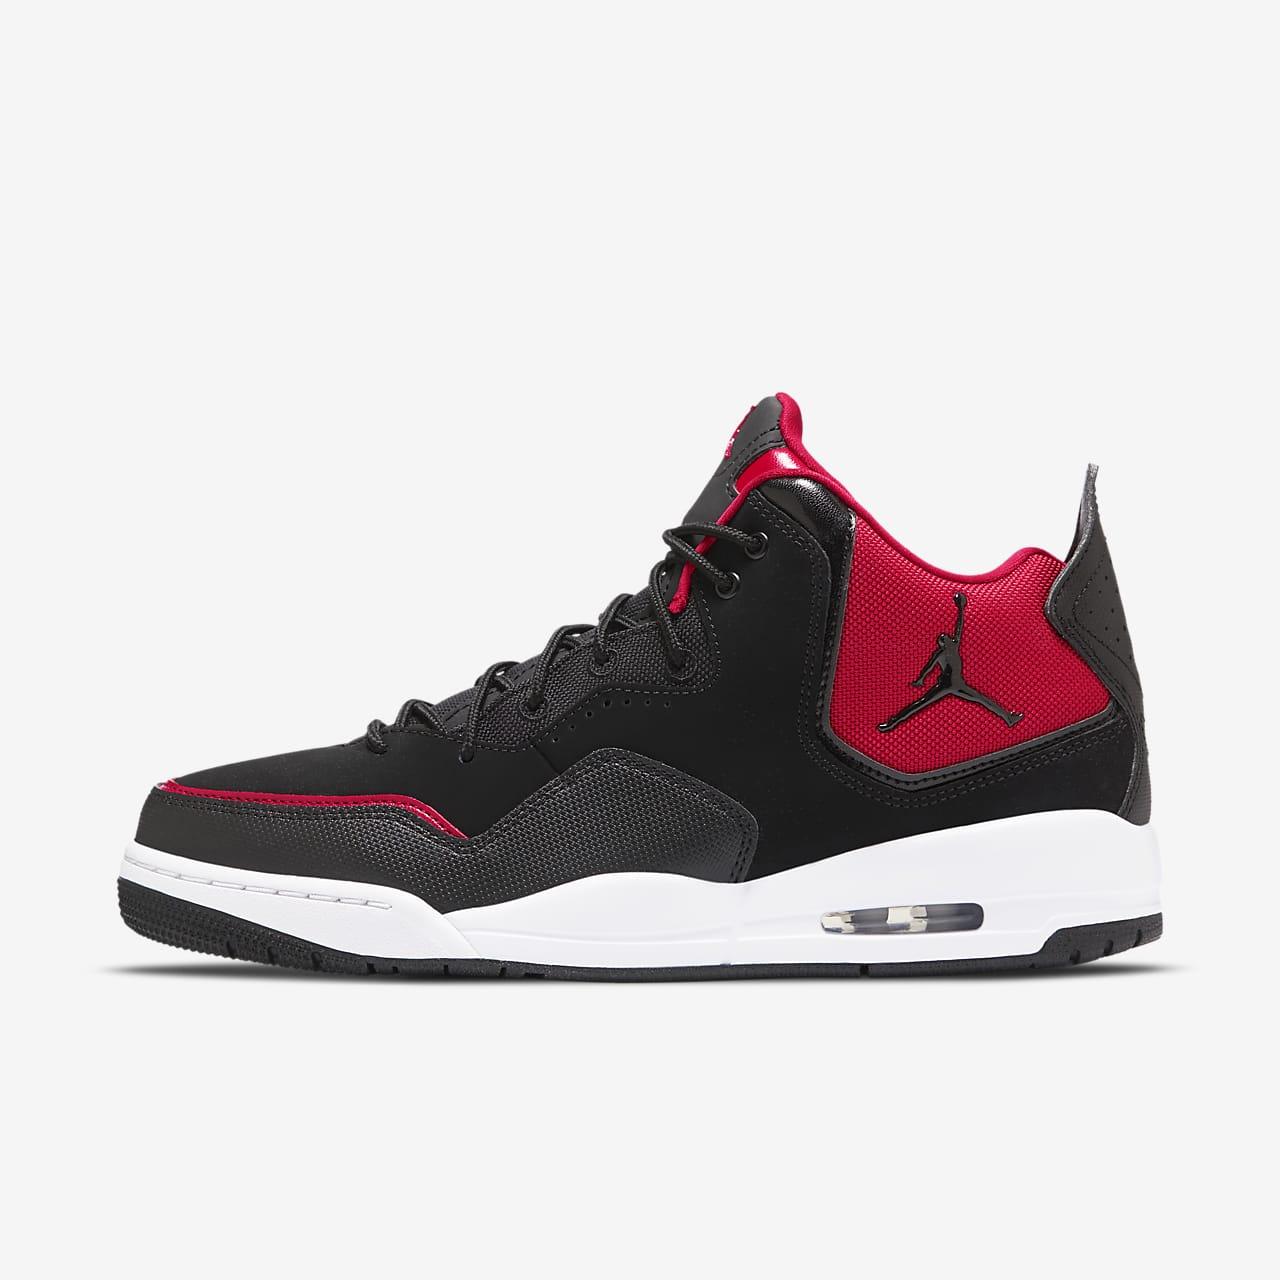 Pánská bota Jordan Courtside 23. Nike.com CZ cd615f1f3f